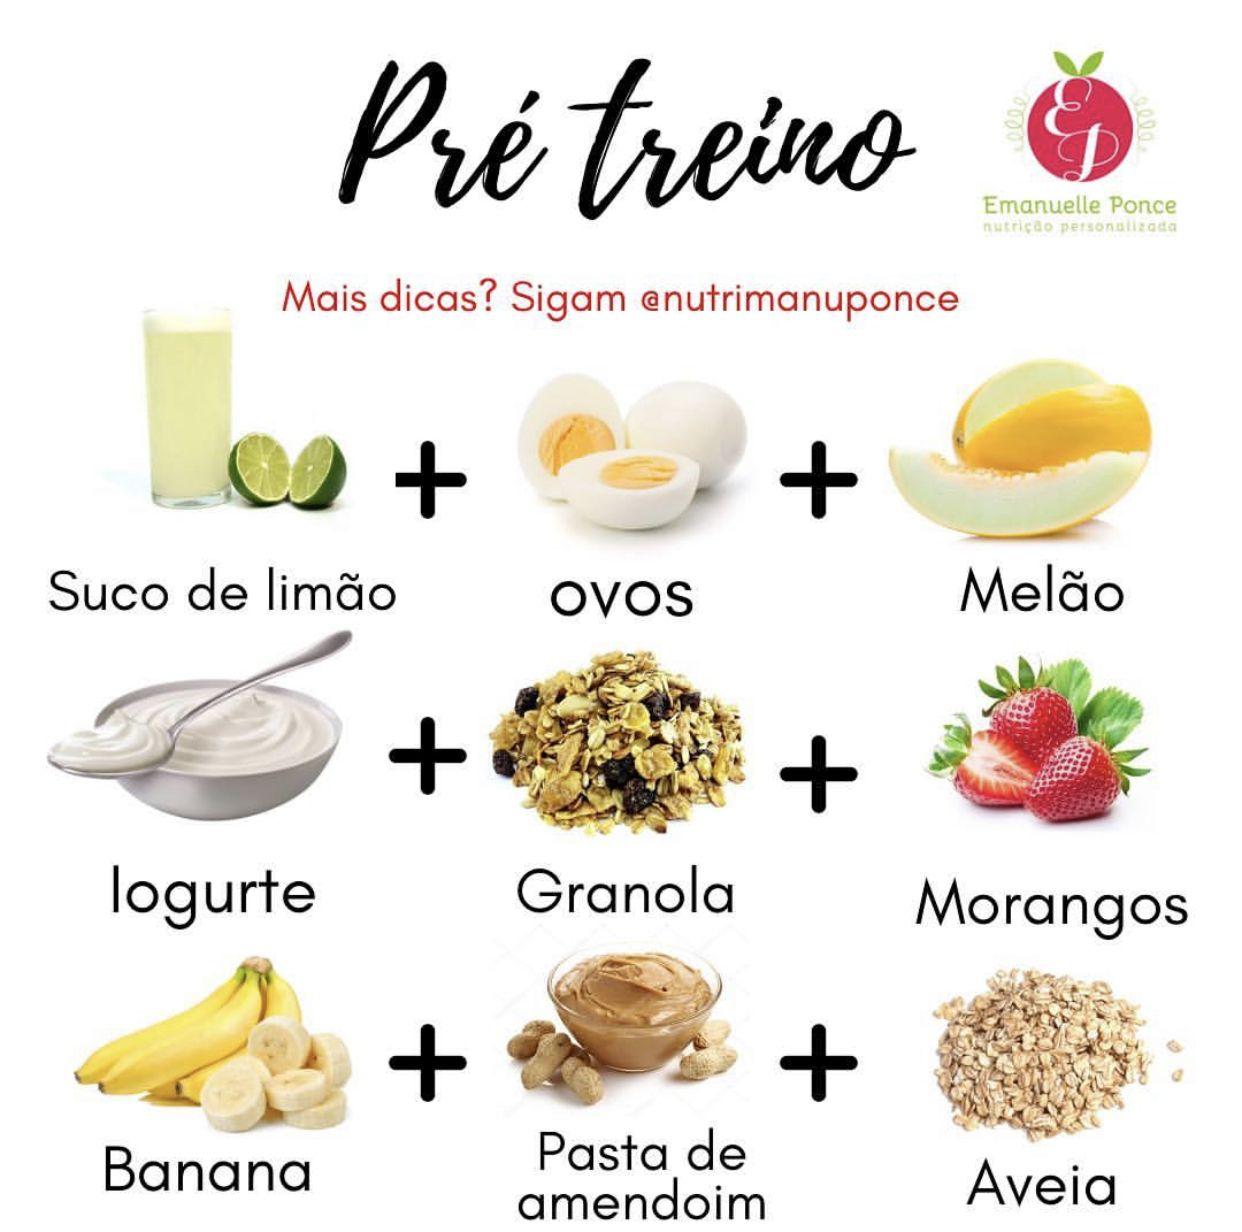 Opcoes De Alimentos Para Pre Treino Emagrecer